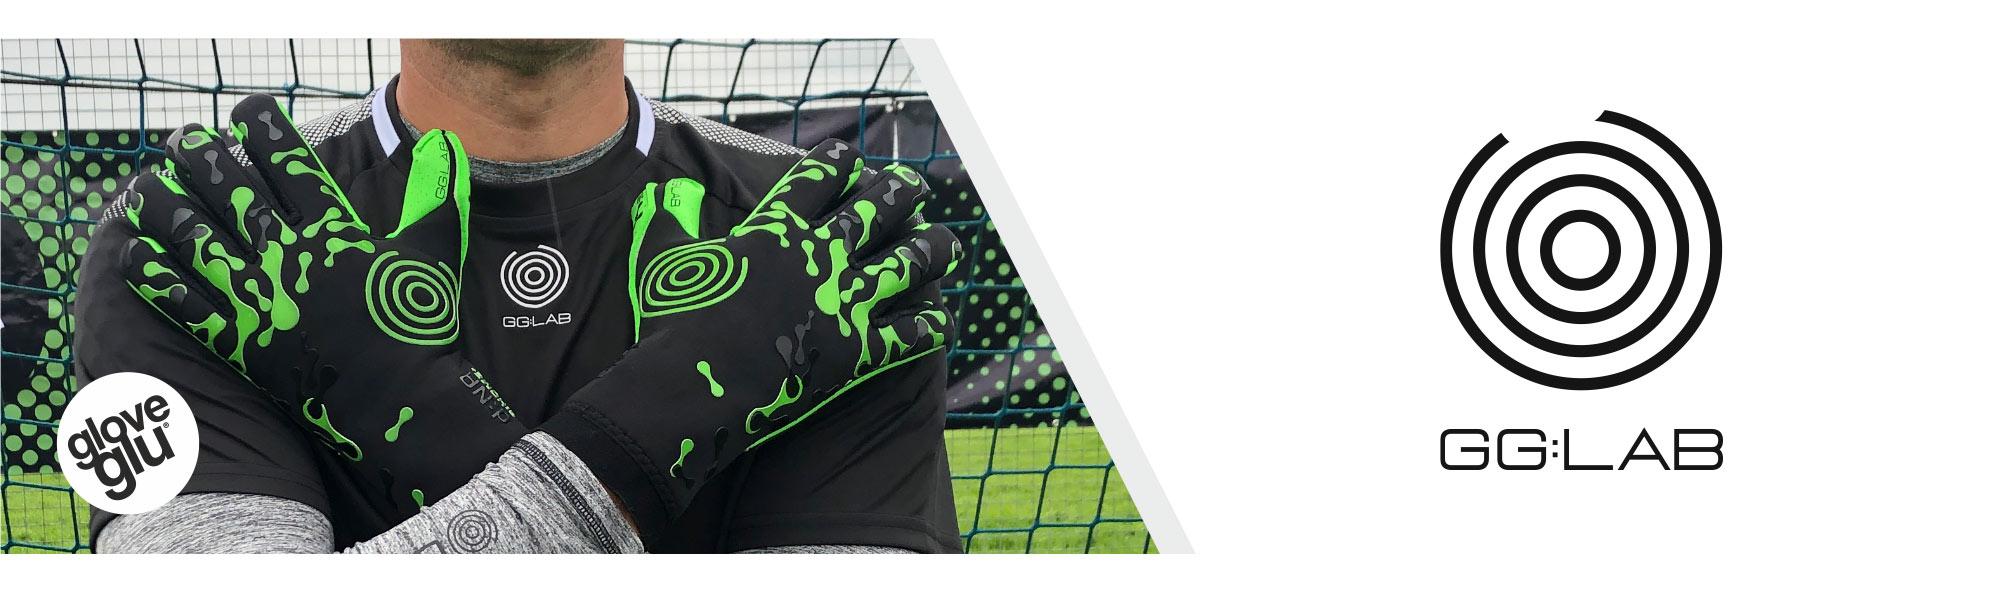 GG:LAB Goalkeeper Gloves Glove Glu